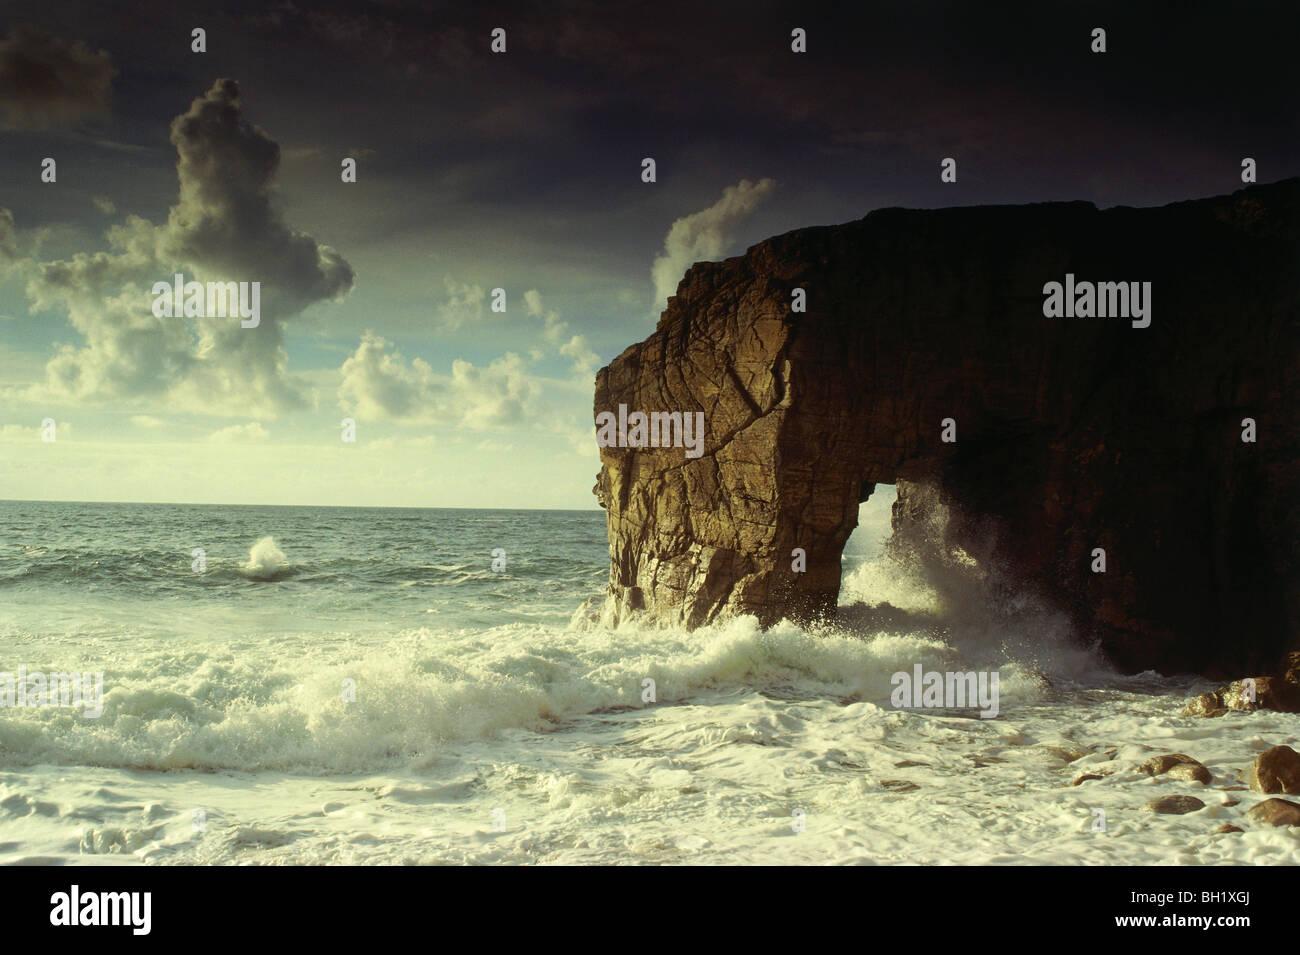 La penisola, Quiberon, Cote Sauvage, Bretagne, Frankreich Immagini Stock